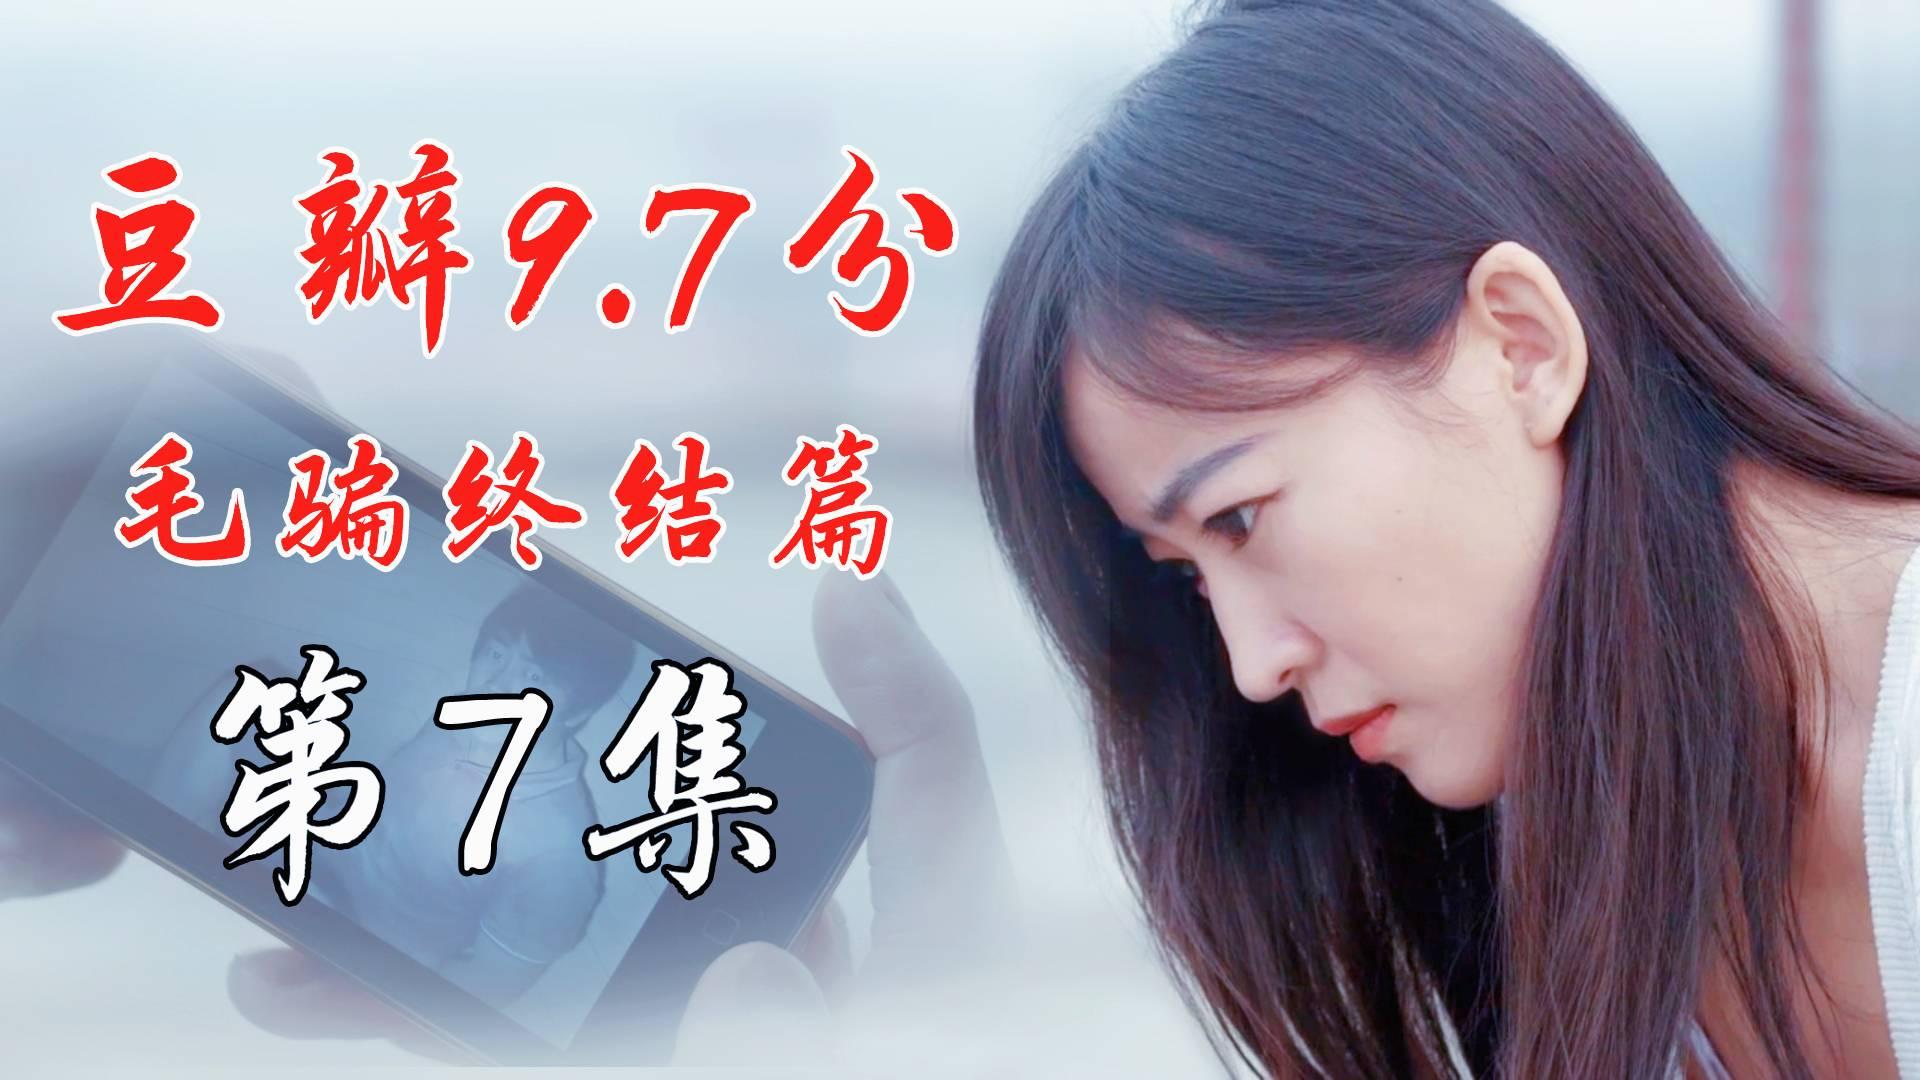 【毛骗终结篇】:冬冬被绑,毛骗最后的高潮大幕拉开,最全安利第五十七期:终结篇第7集